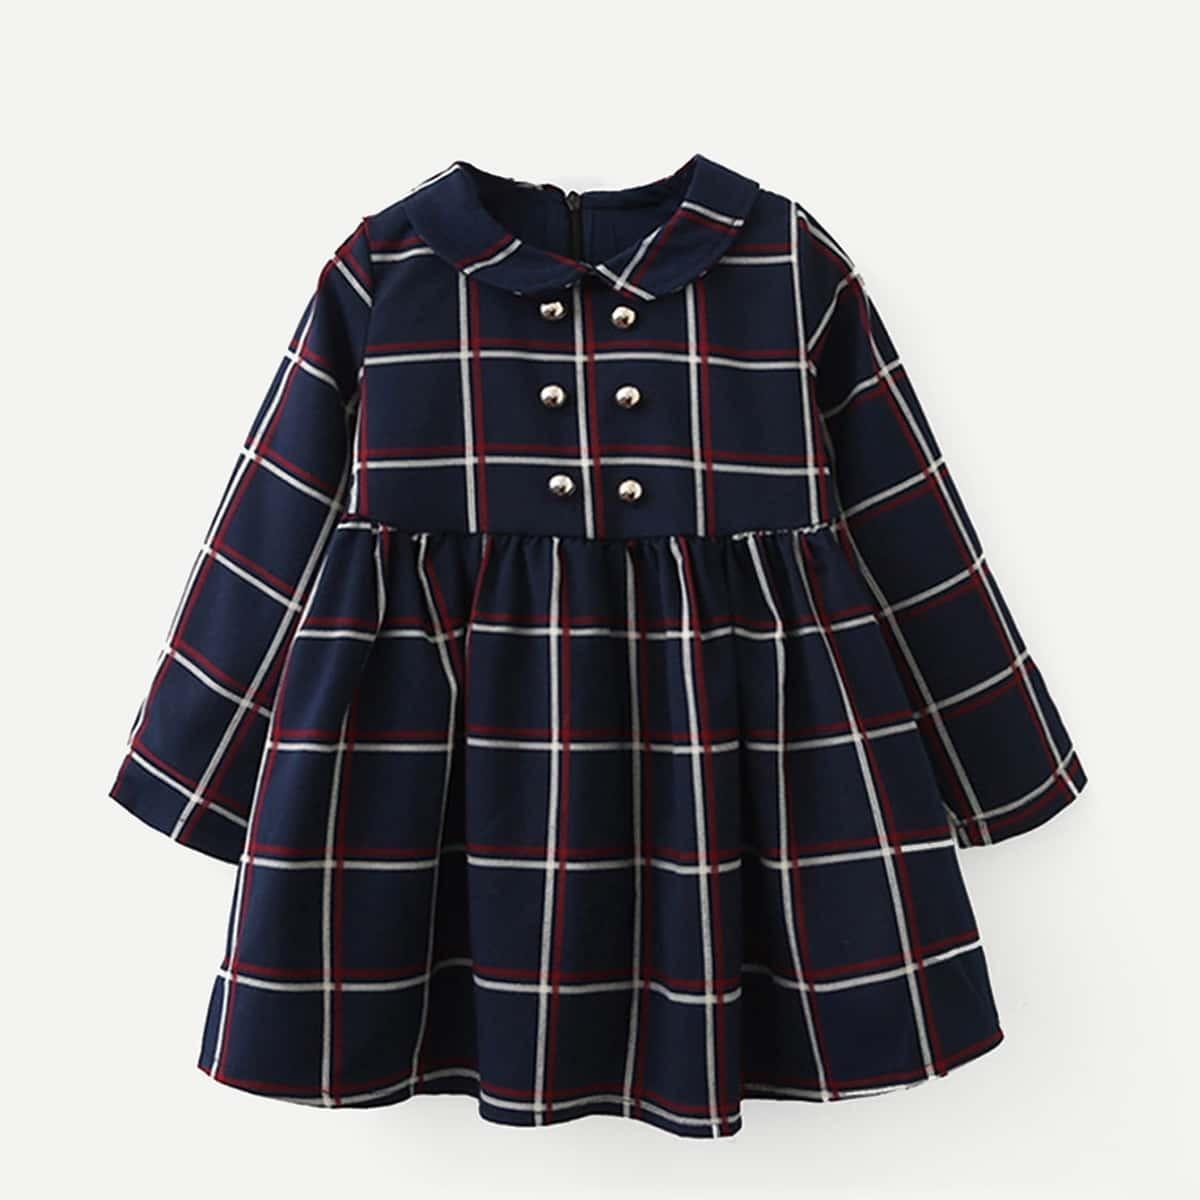 Стильное платье в клетку на молнии для маленьких девочек от SHEIN